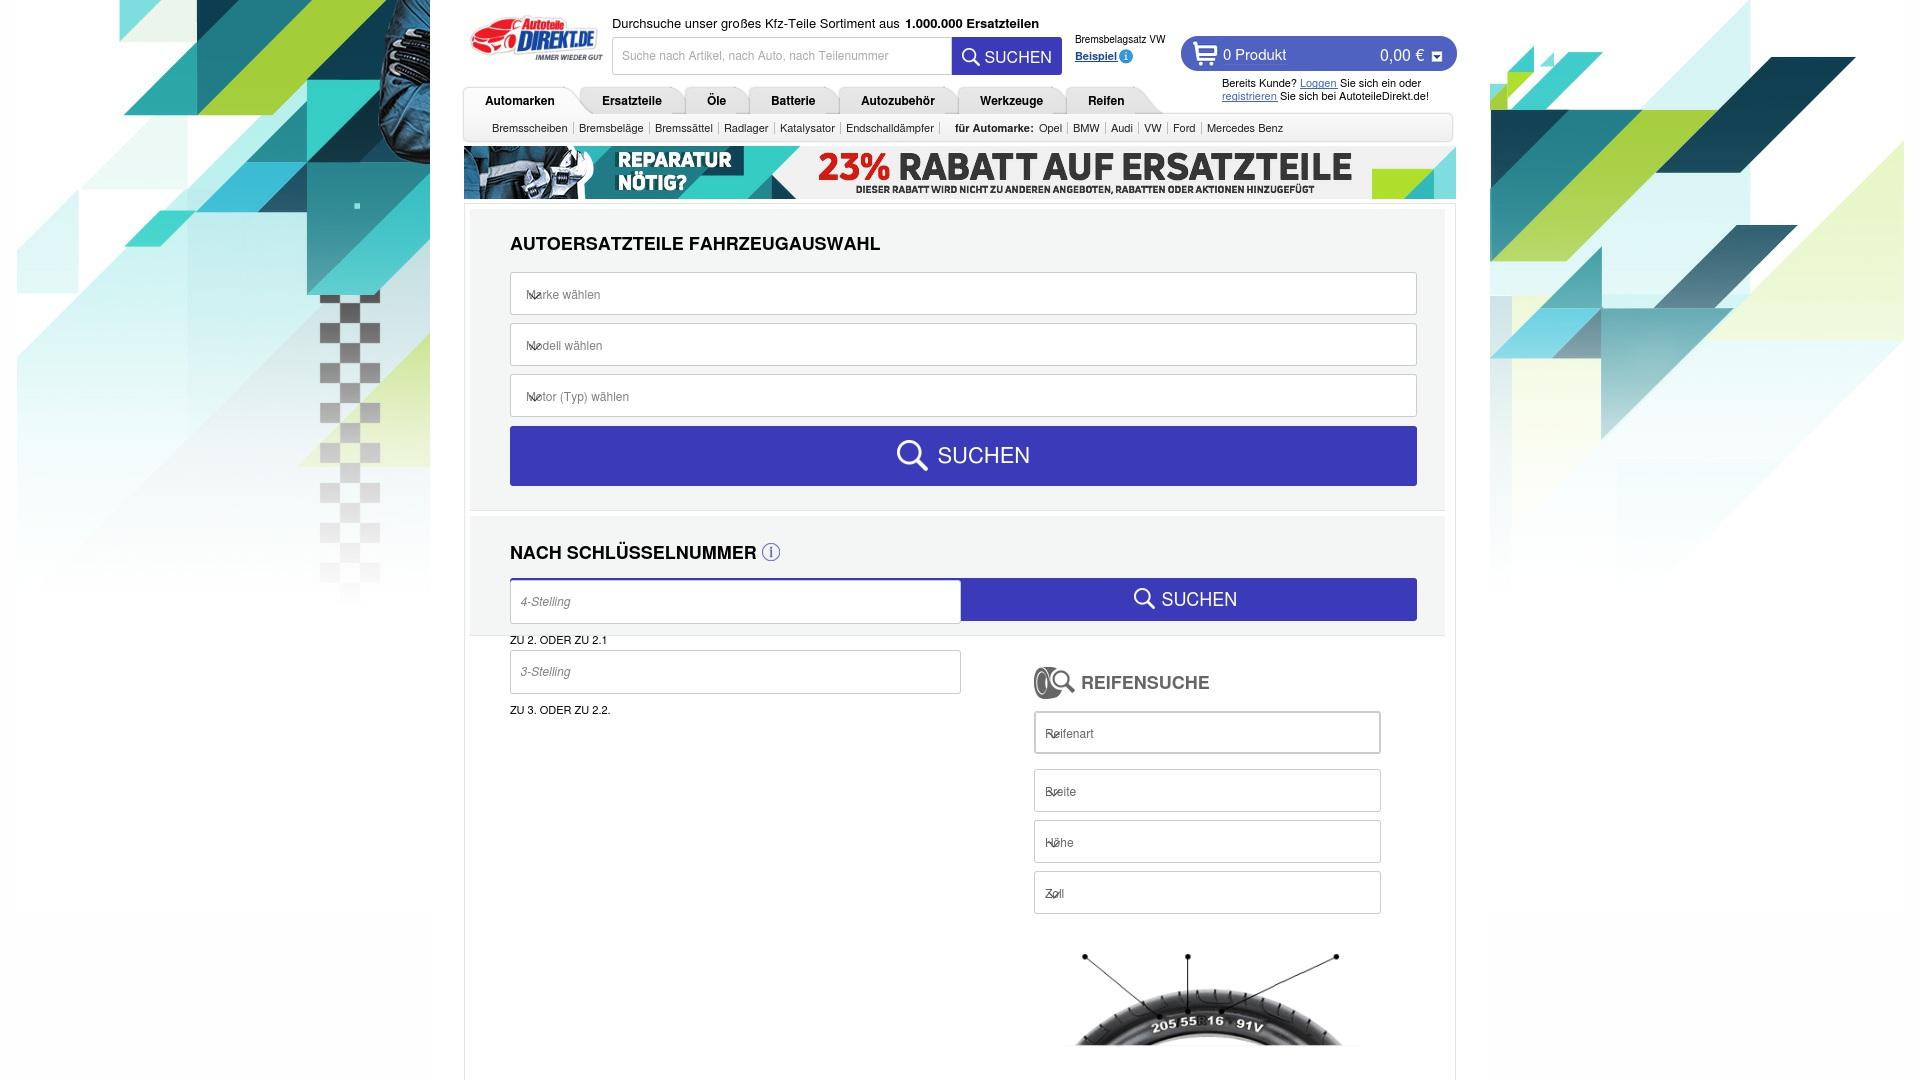 Gutschein für Autoteiledirekt: Rabatte für  Autoteiledirekt sichern